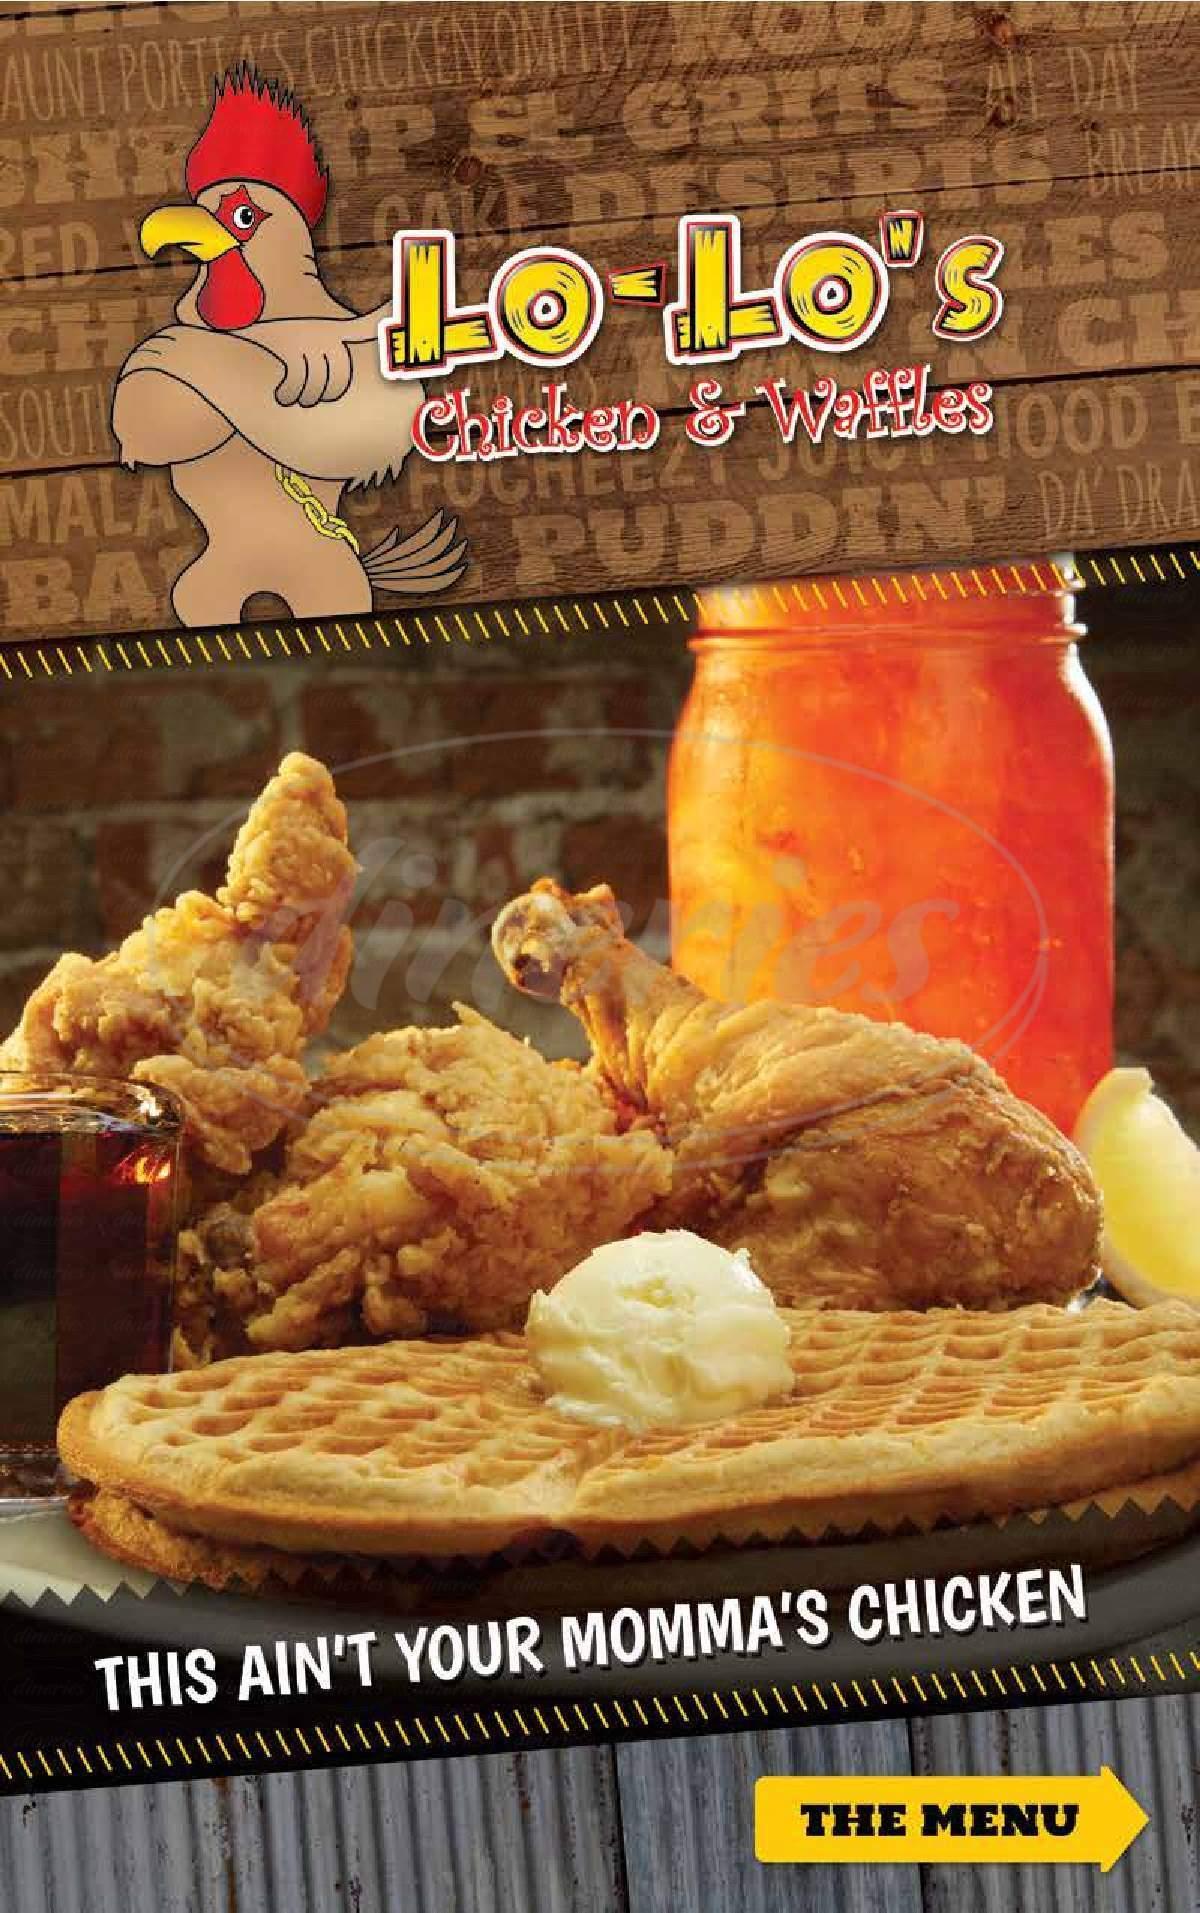 menu for Lo-Lo's Chicken & Waffles